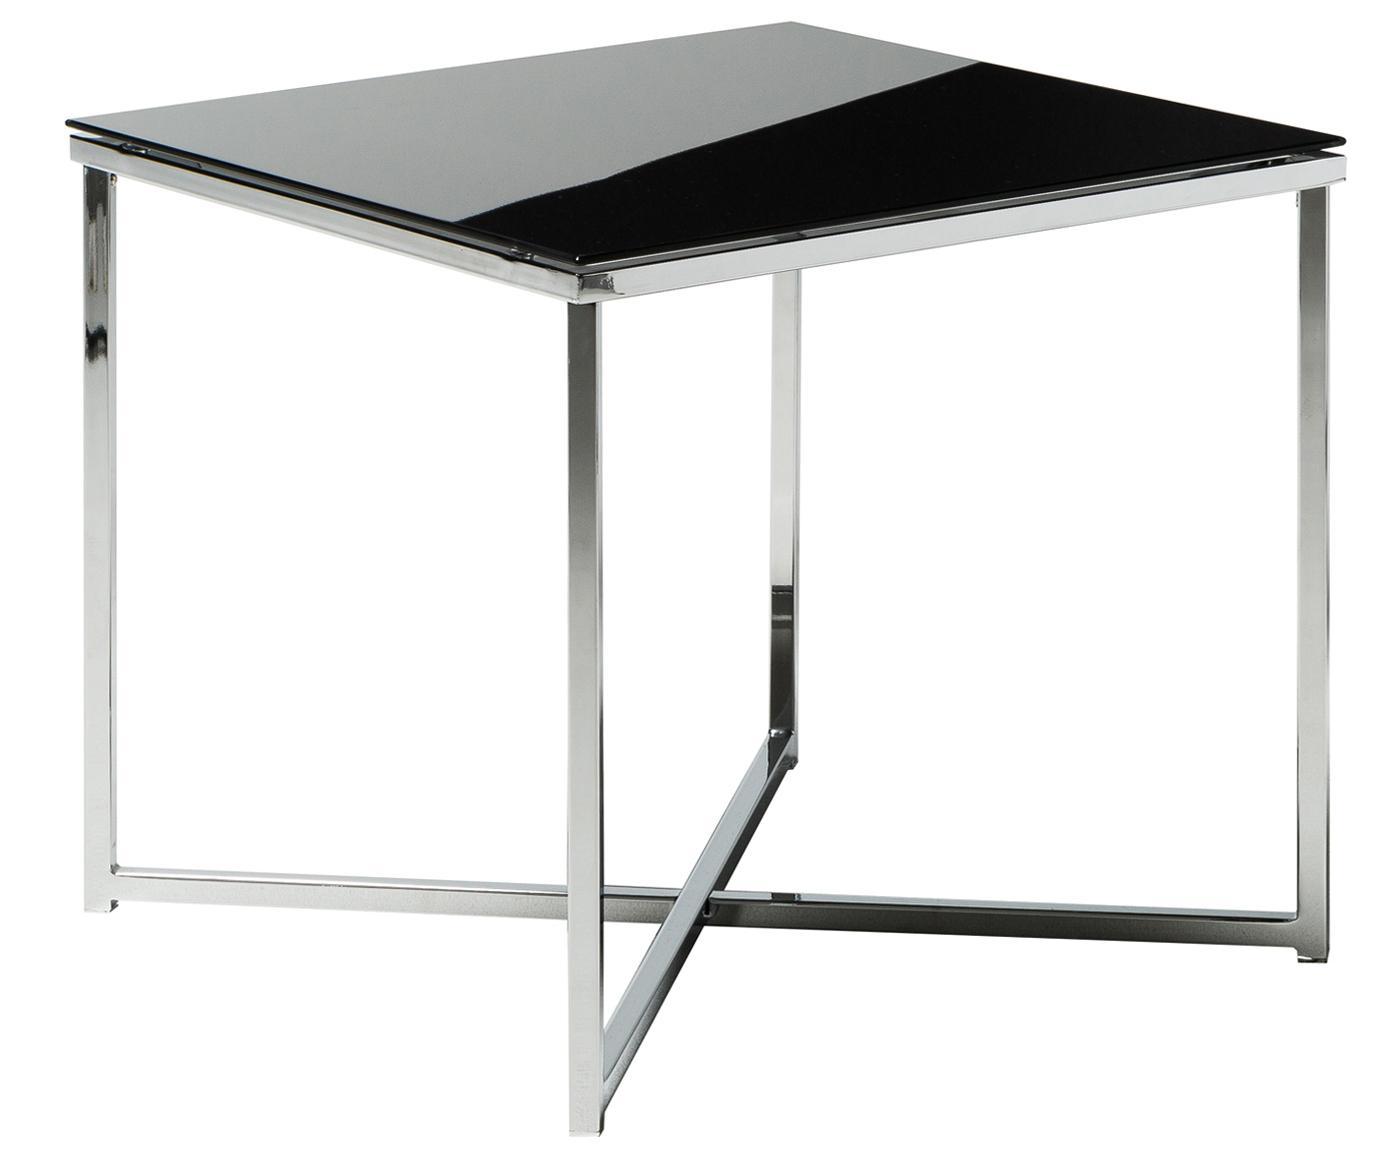 Tavolino con piano in vetro Matheo, Struttura: metallo cromato, Piano d'appoggio: vetro temperato, Nero, metallo cromato, Larg. 50 x Alt. 45 cm